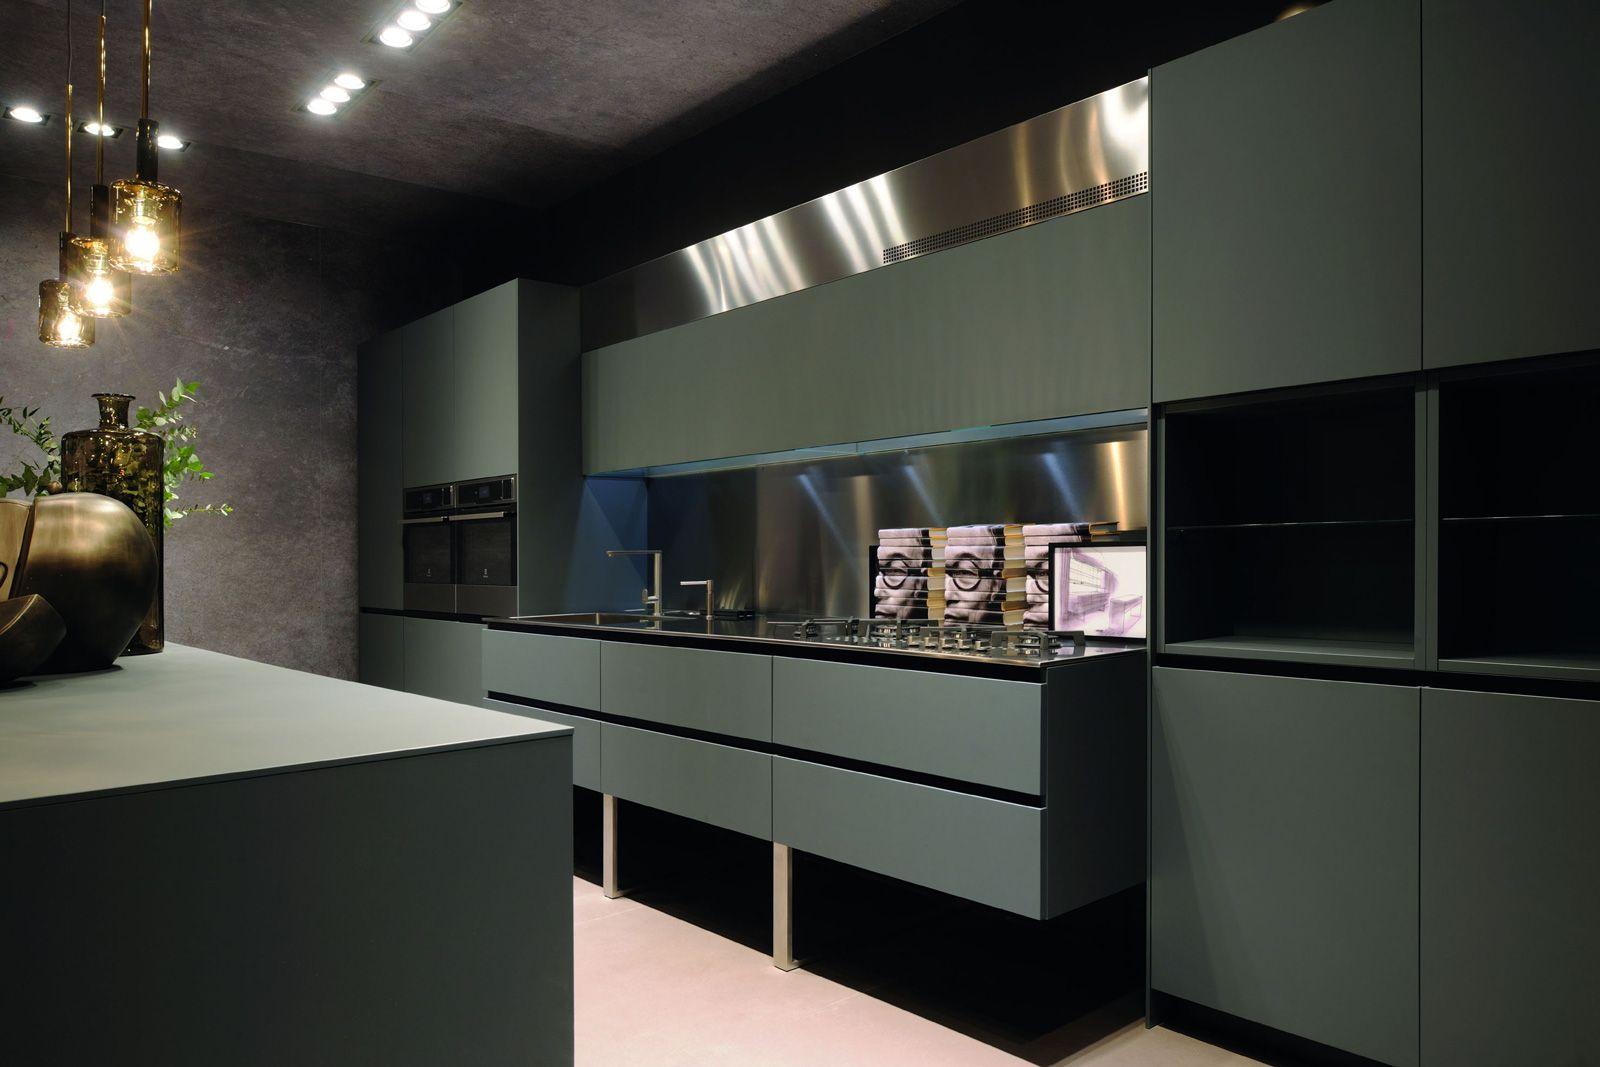 Sipario Di Aran Cucine Il Nuovo Modello Compatto E Scenografico  # Nuovo Muebles Cocina